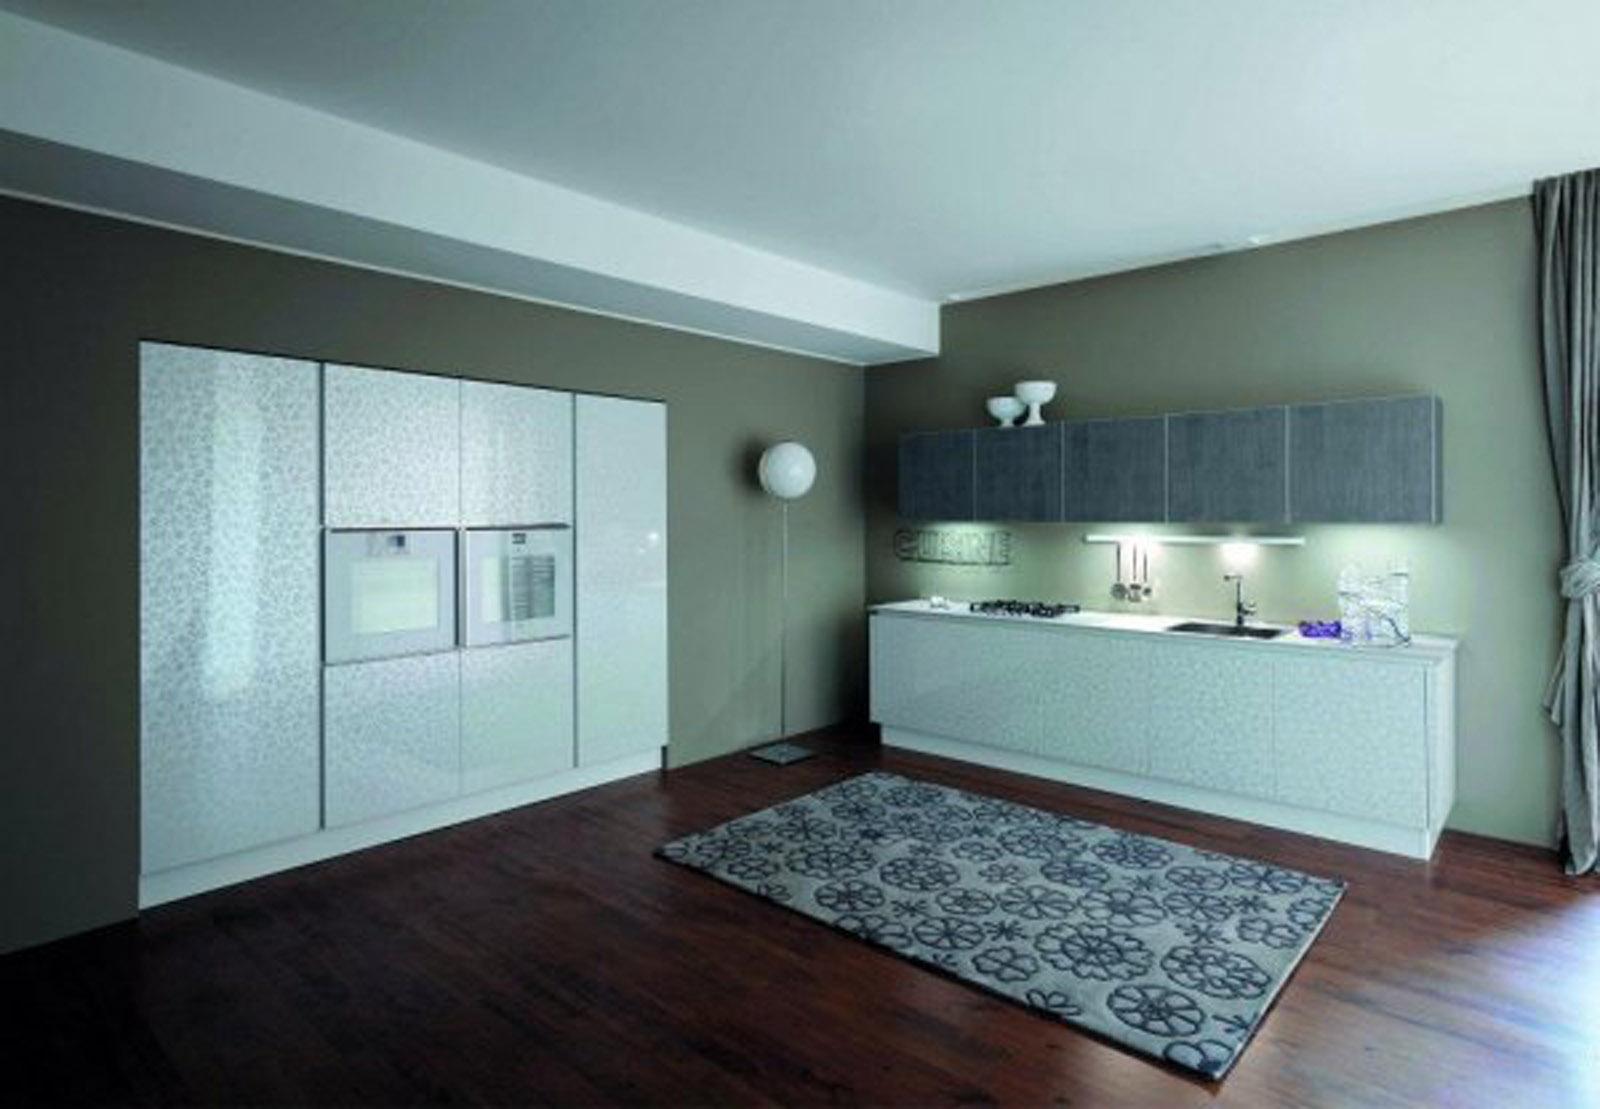 COME ARREDARE UNA CUCINA MODERNA Catania Messina Enna Siracusa Ragusa #4C7B7F 1600 1109 Arredare Una Cucina Moderna